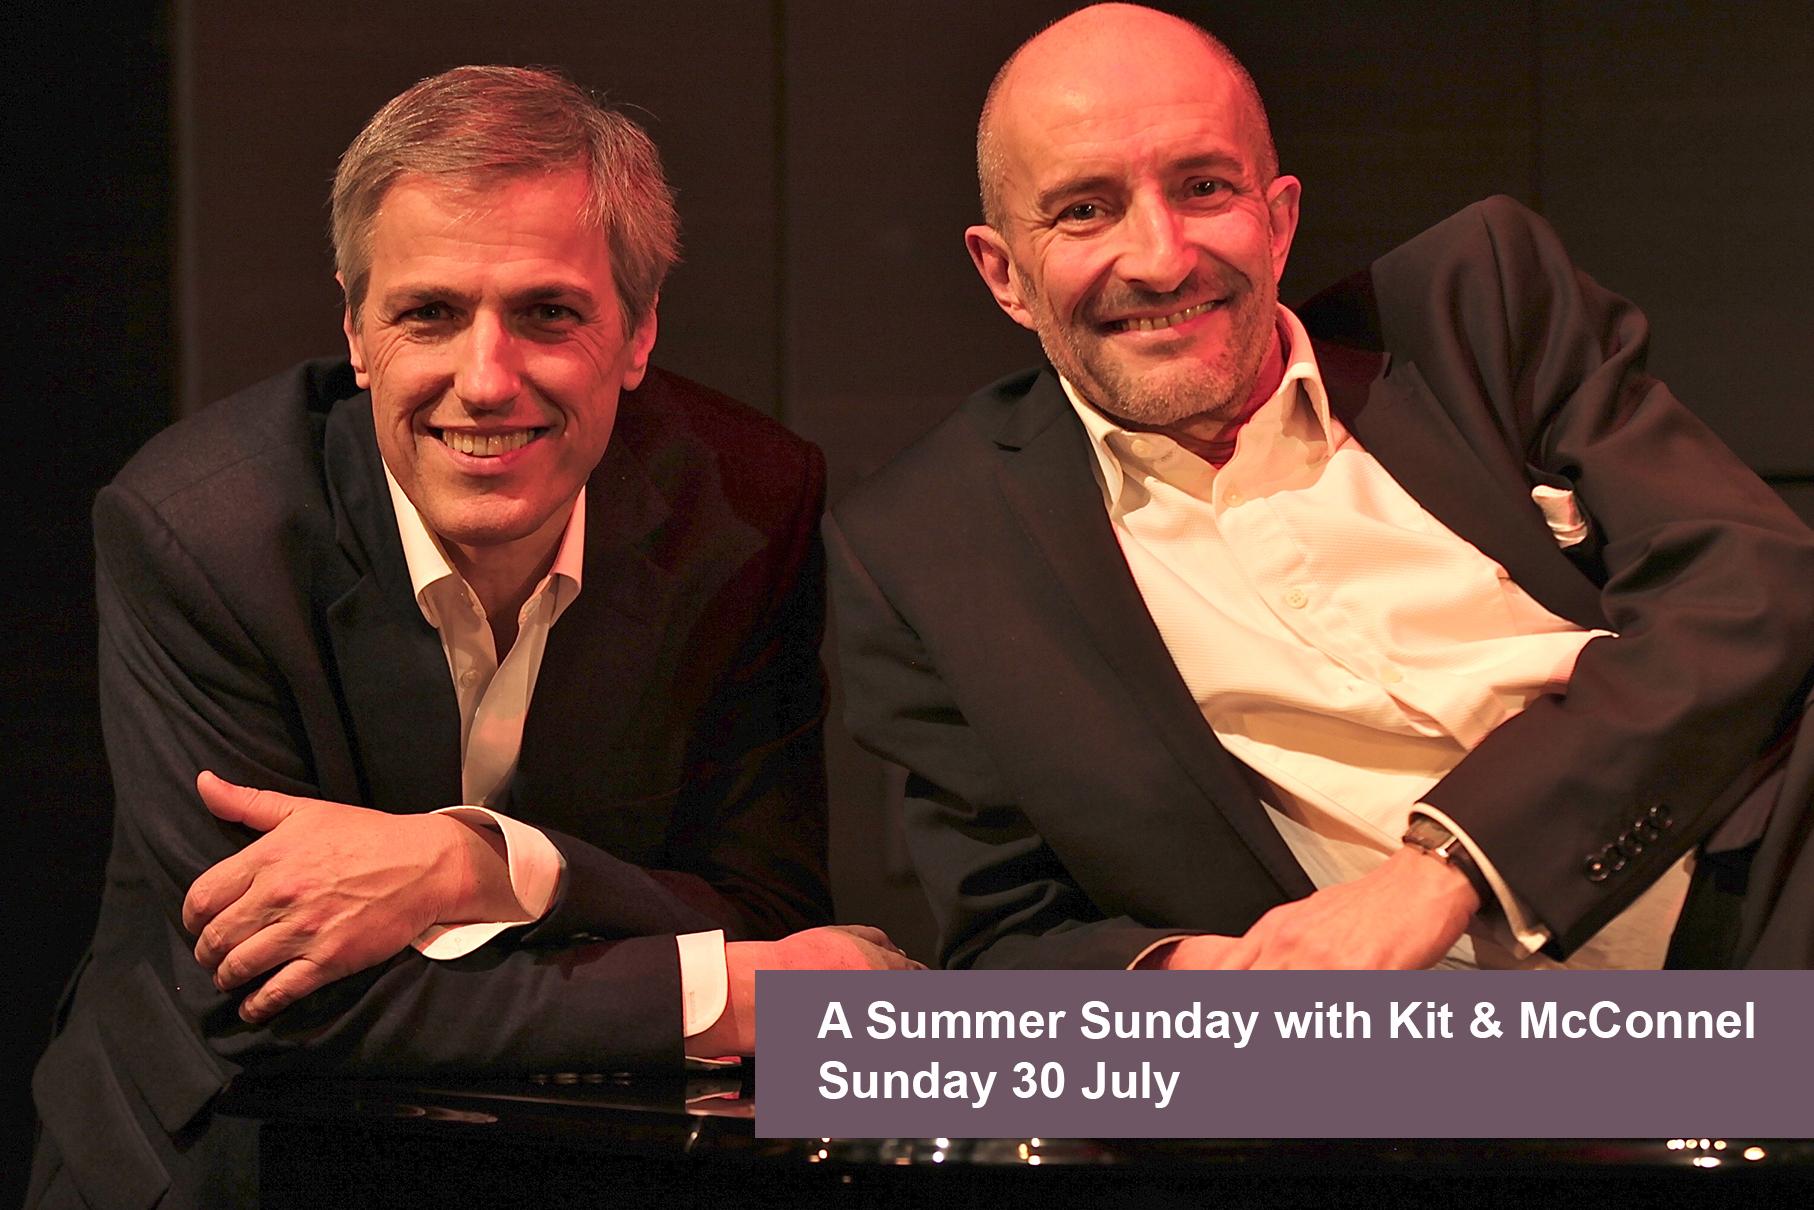 Sunday 30 July